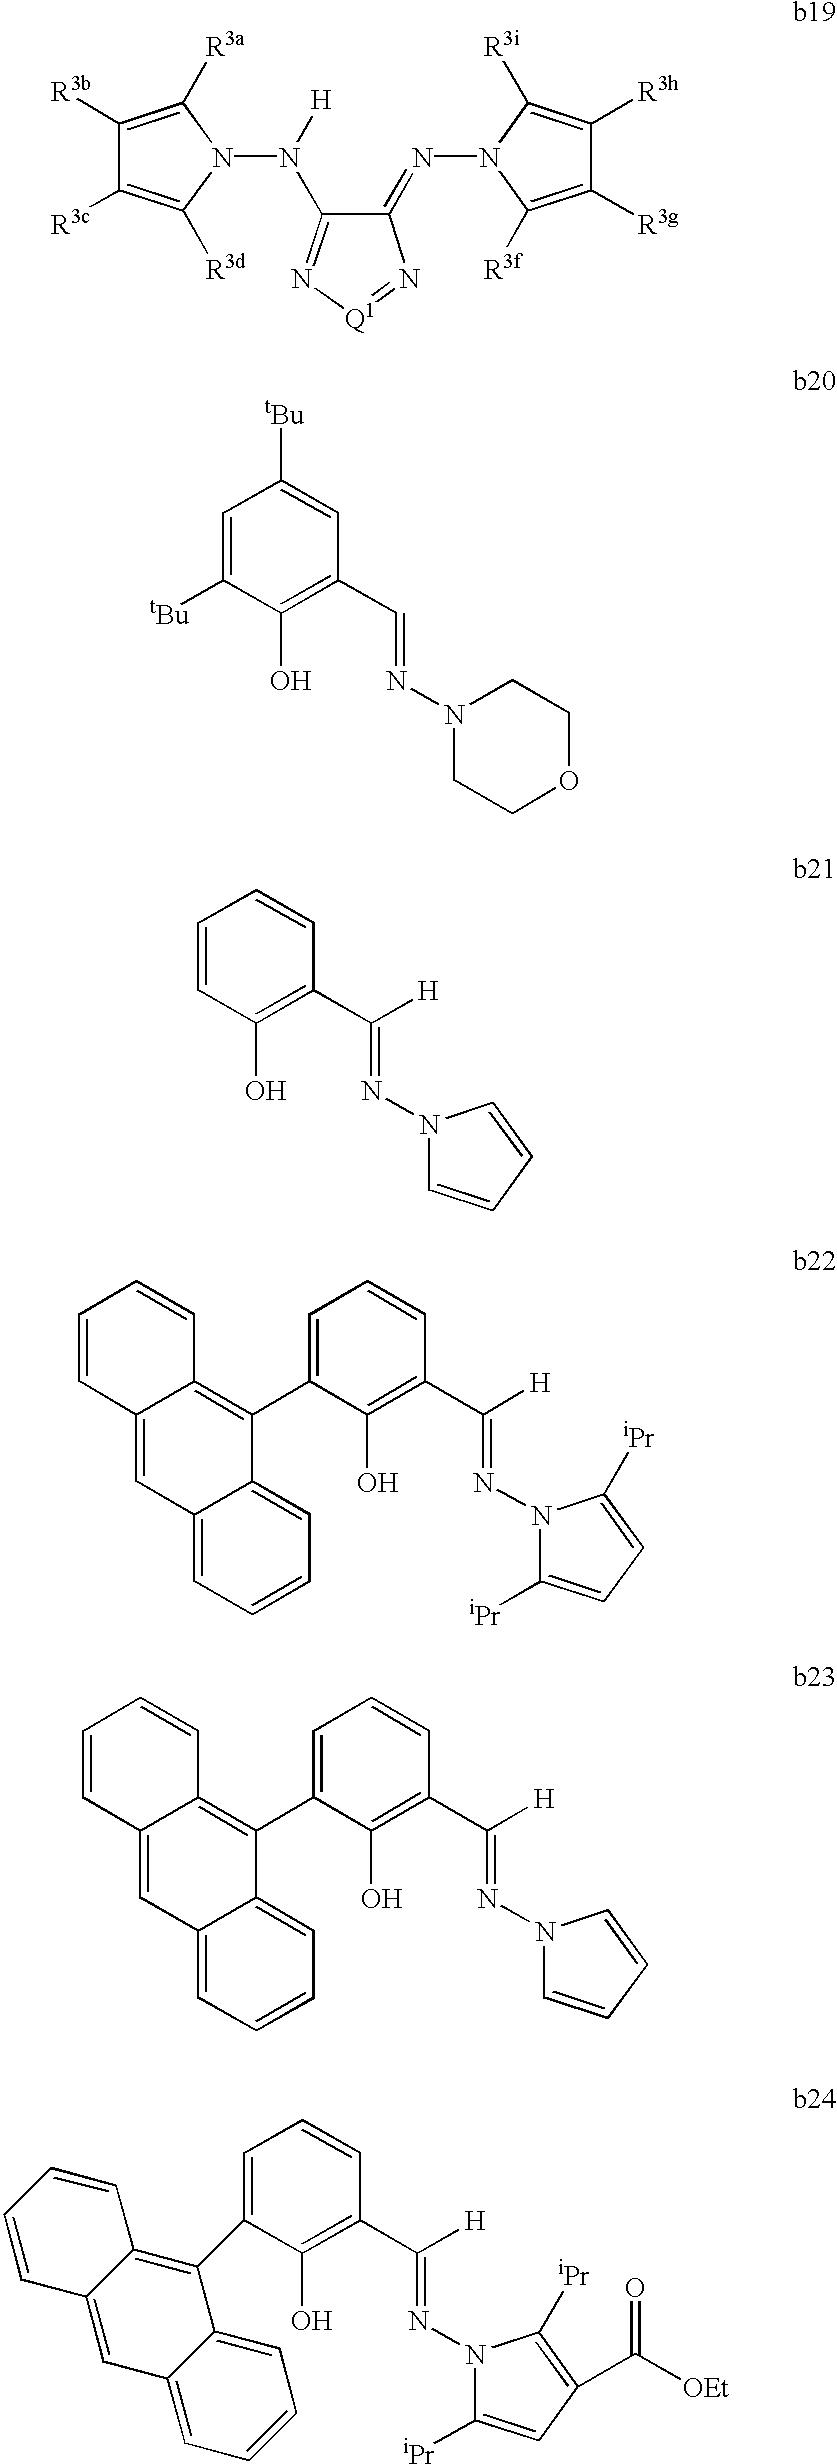 Figure US06545108-20030408-C00018